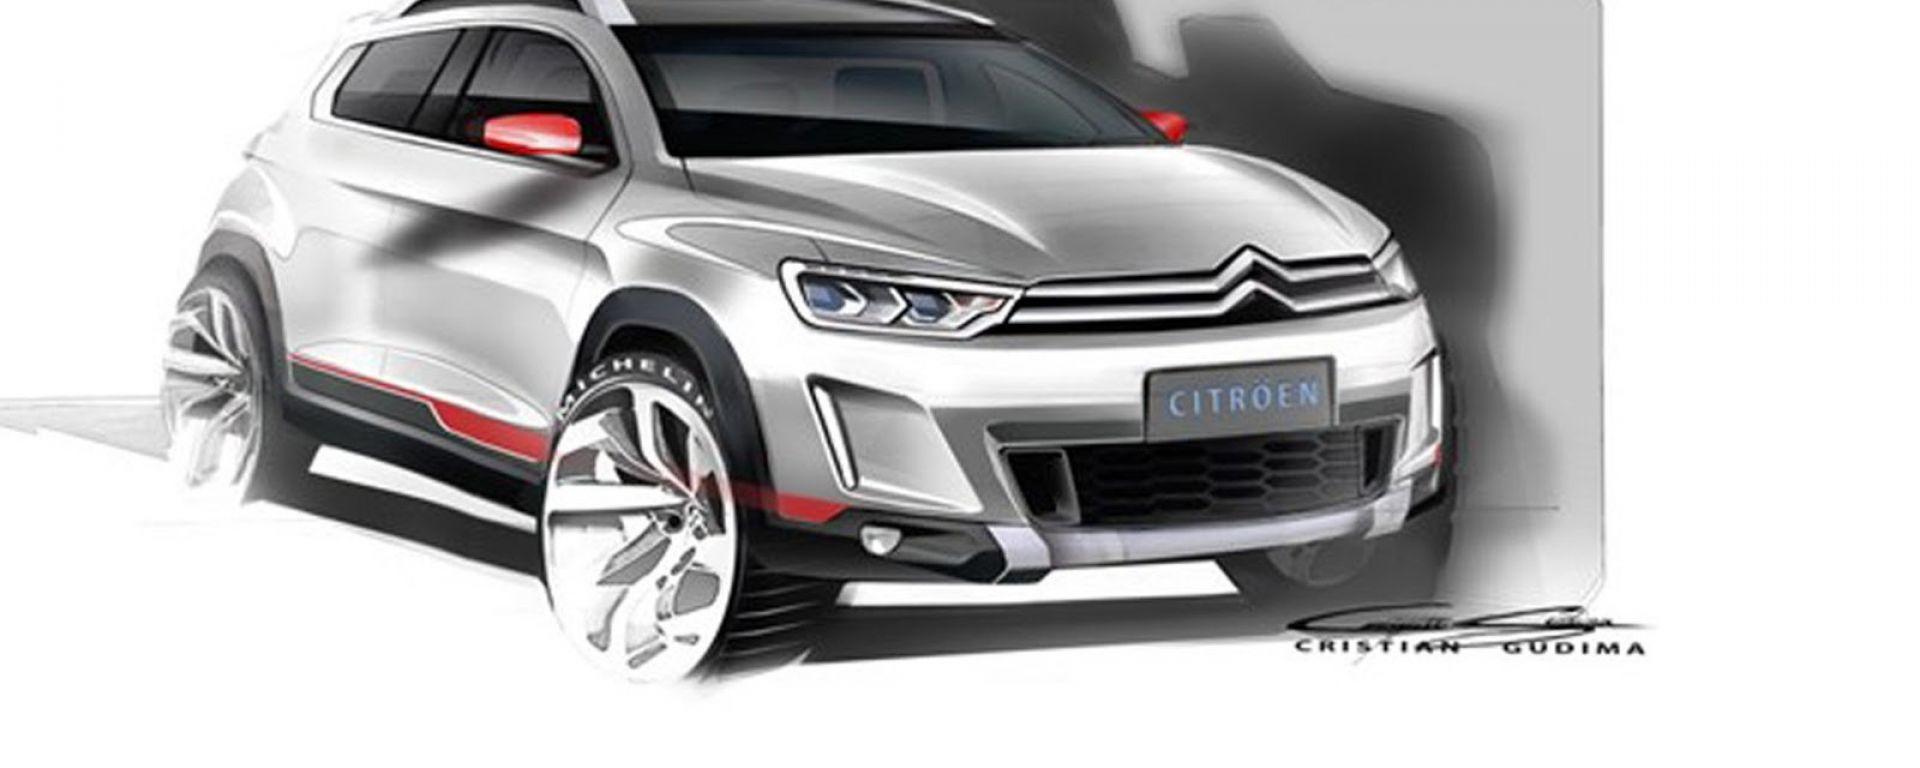 Citroën, un nuovo small suv per Pechino?